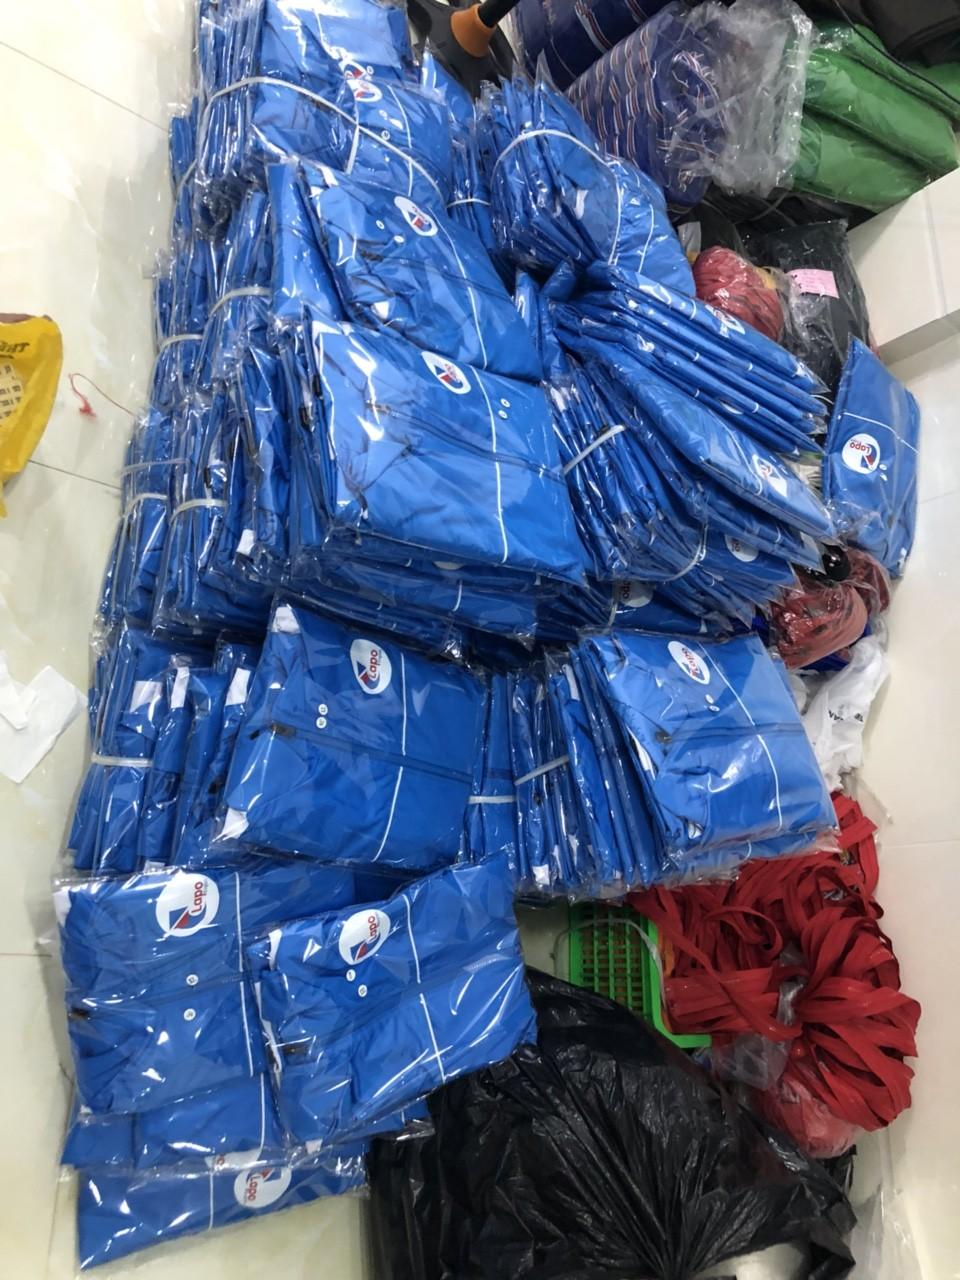 Công ty may áo gió quà tặng Món quà ý nghĩa cho nhân viên,khách hàng Ảnh số 42652013